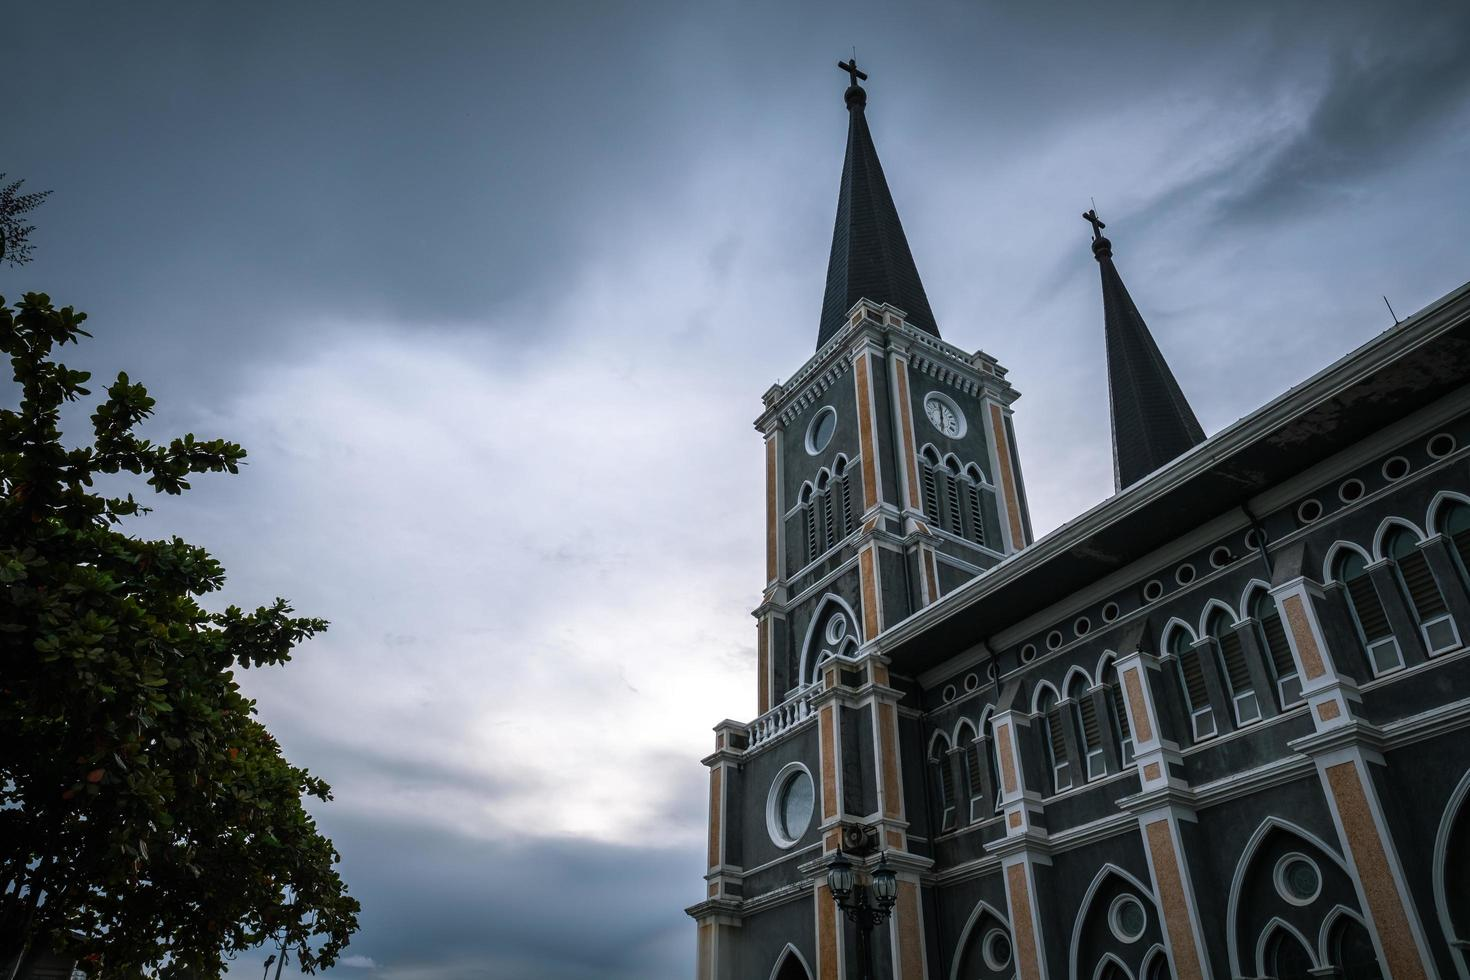 iglesia en la noche foto